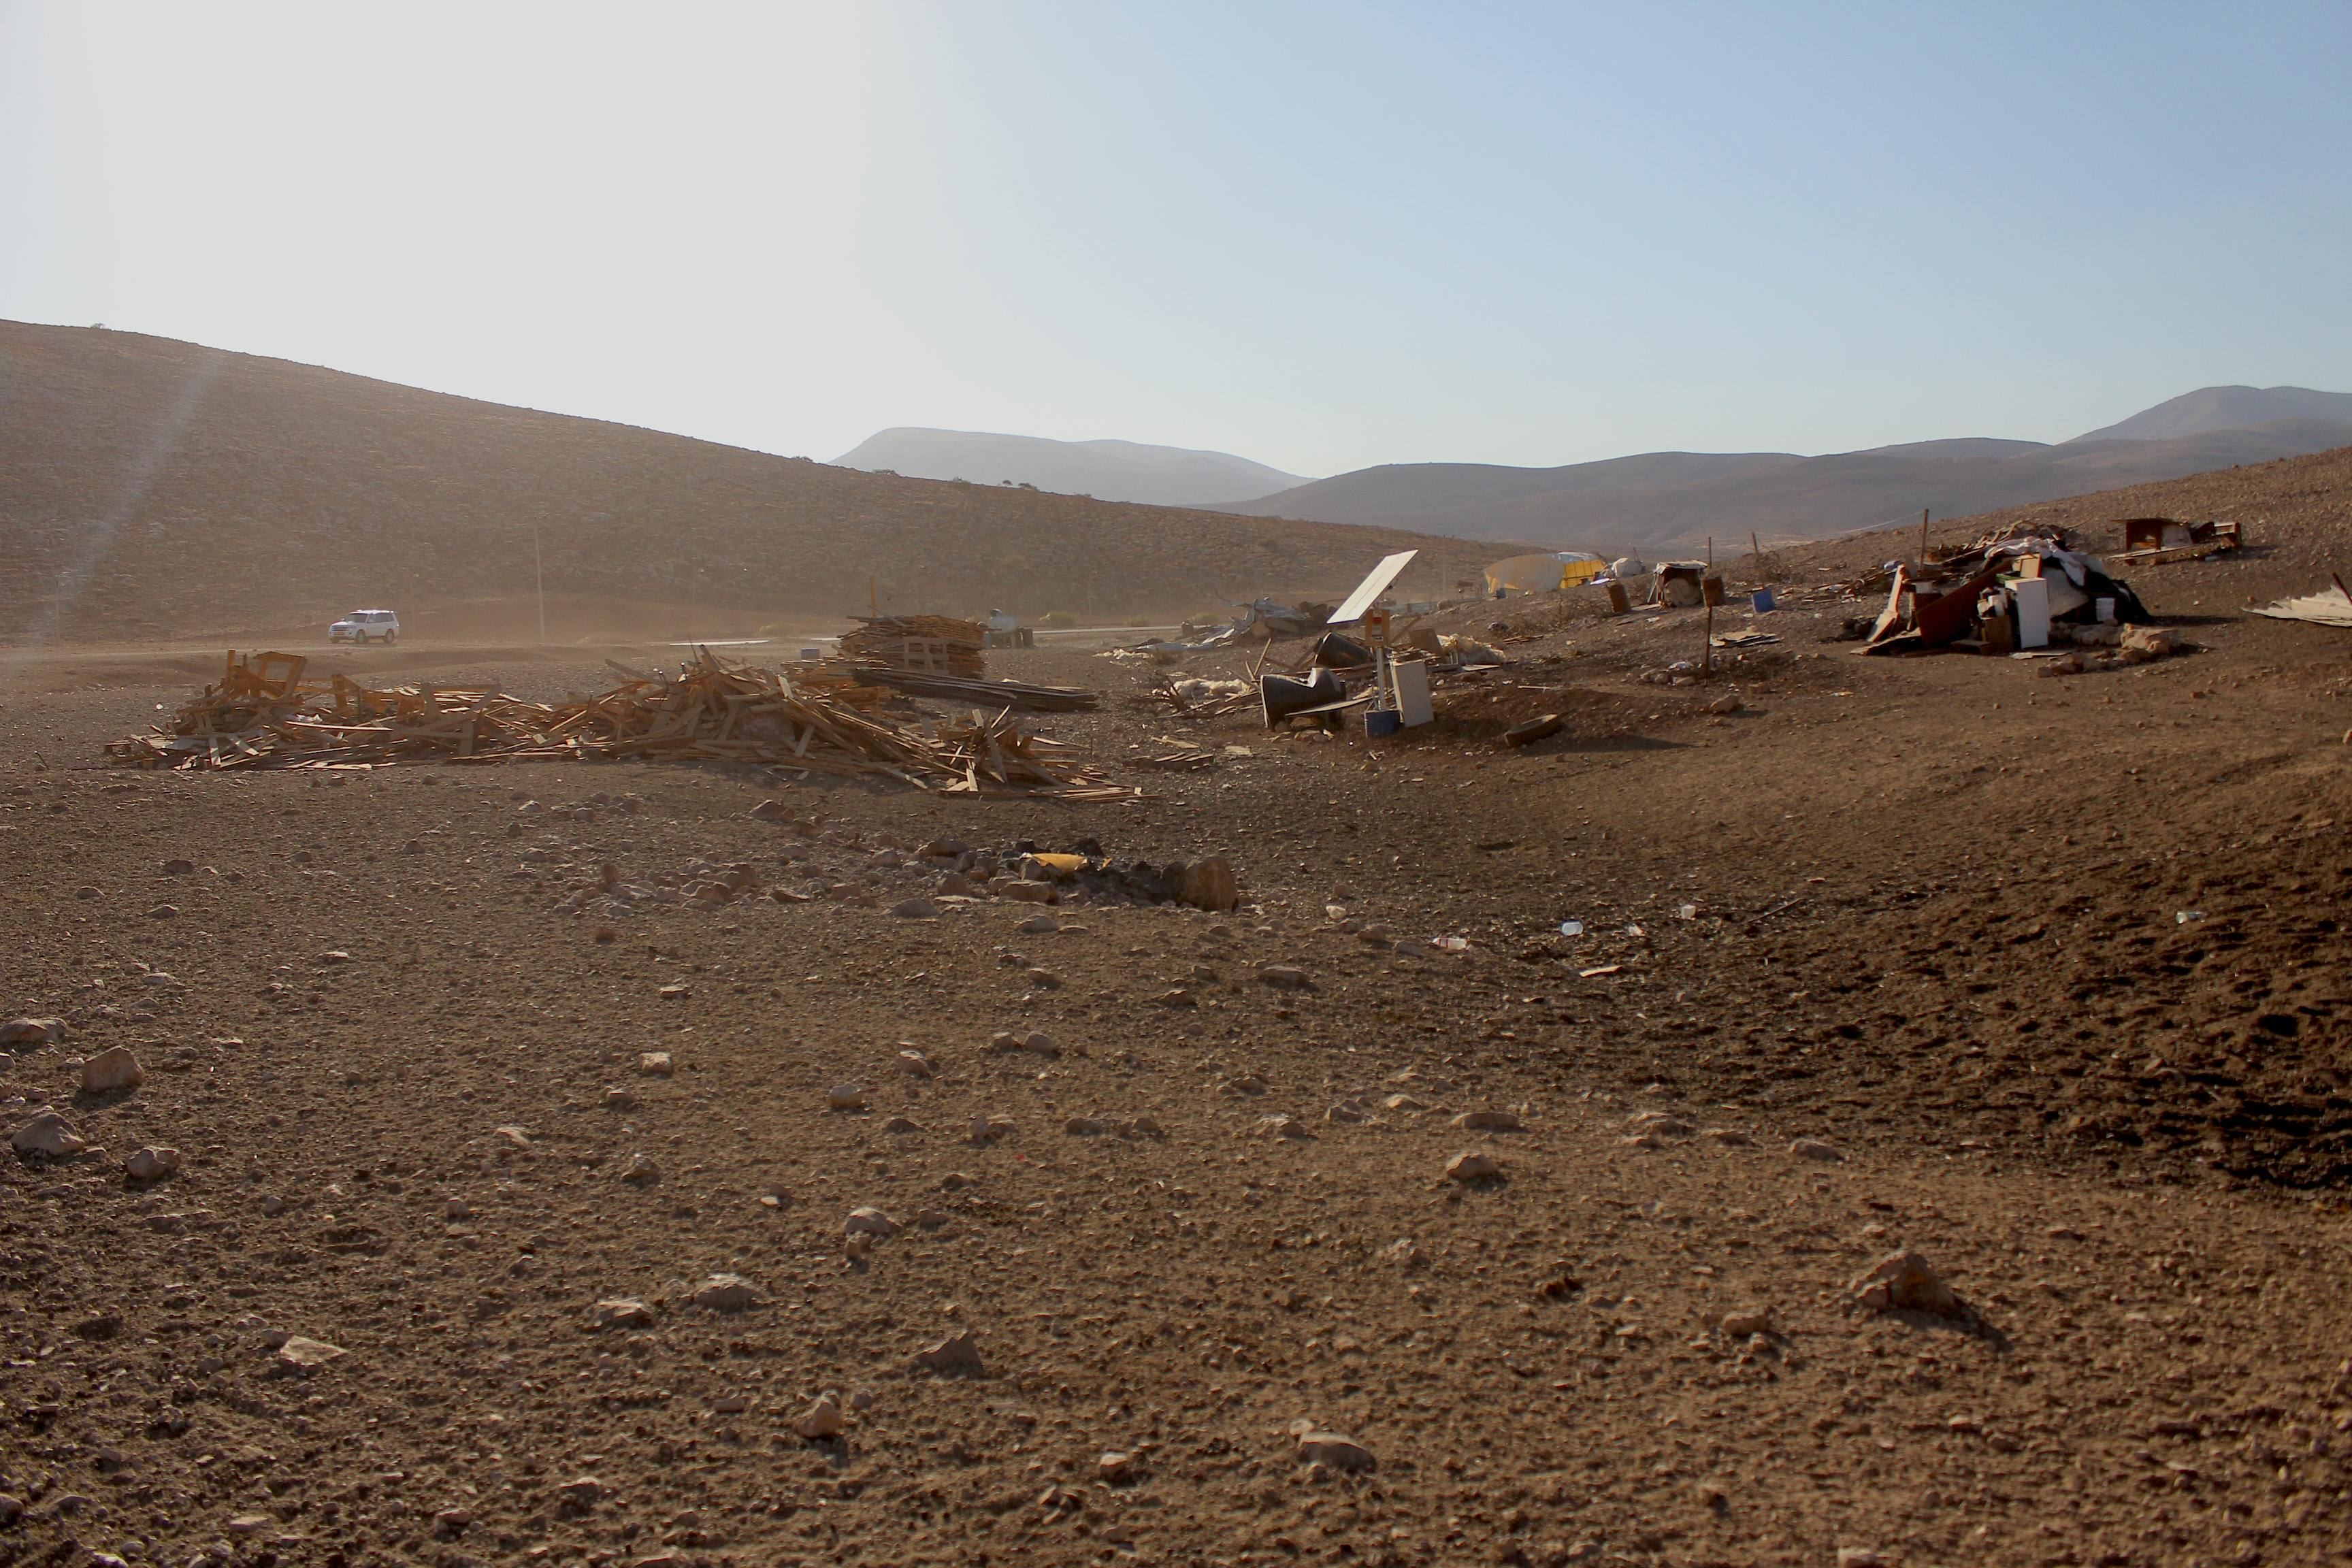 Le village de Makhoul détruit le 16 septembre 2013 par l'armée israélienne www.merblanche.com all rights reserved